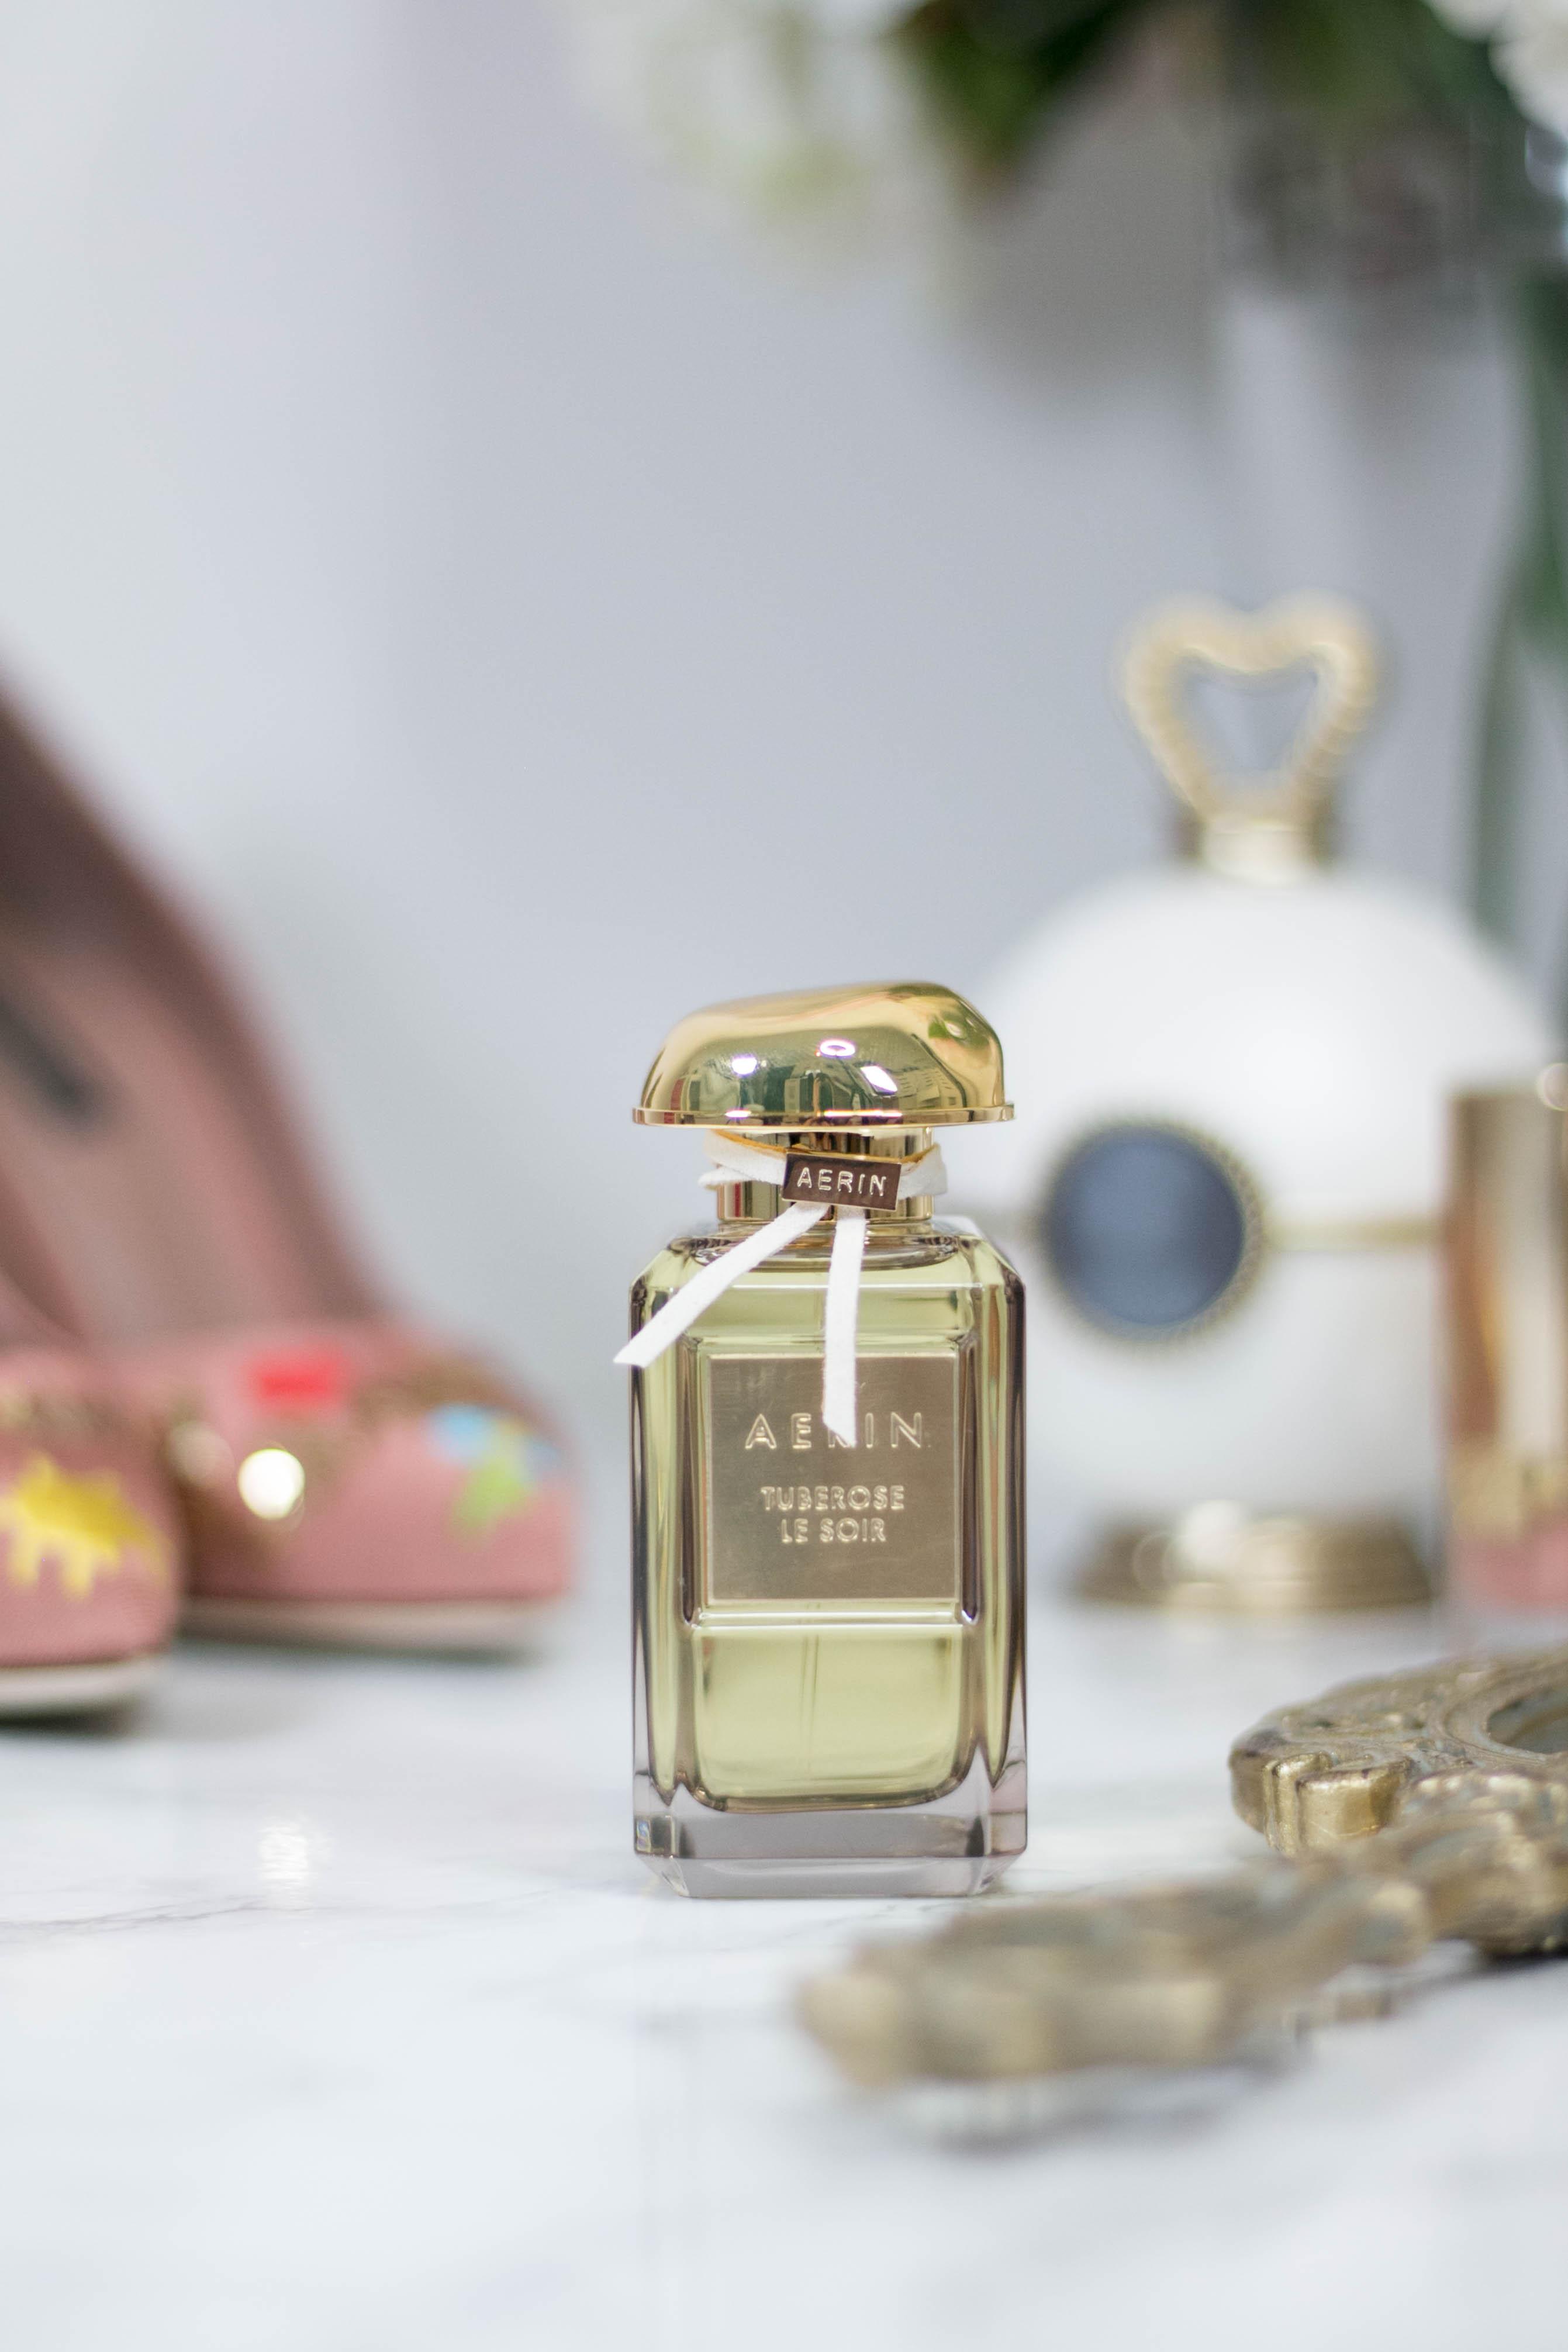 Damen Duft mit Tuberose - AERIN Parfum